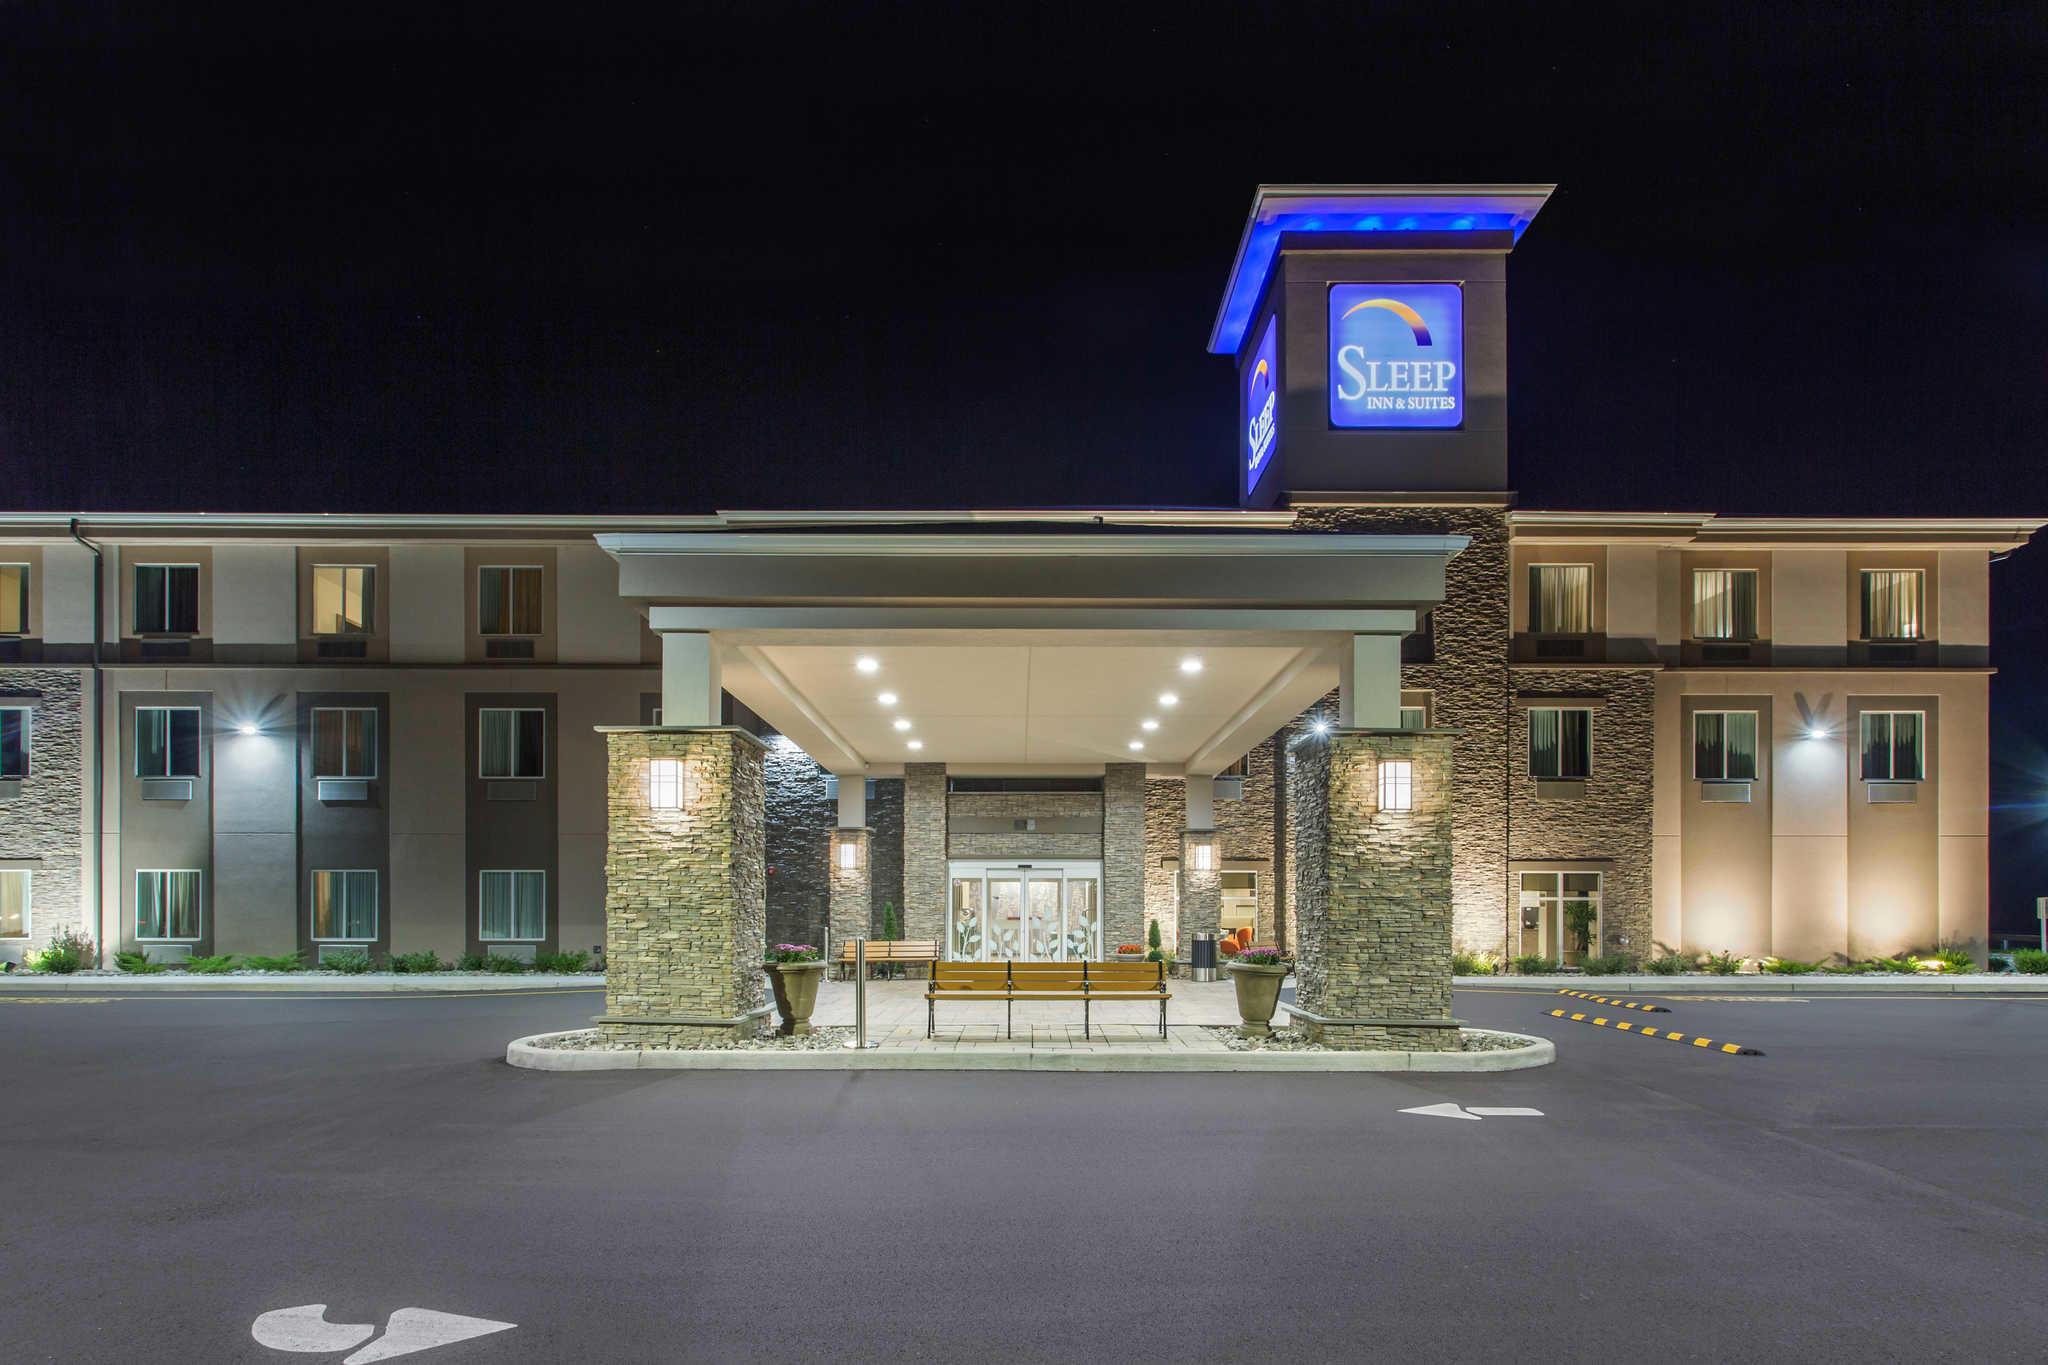 Sleep Inn & Suites Monroe - Woodbury image 2